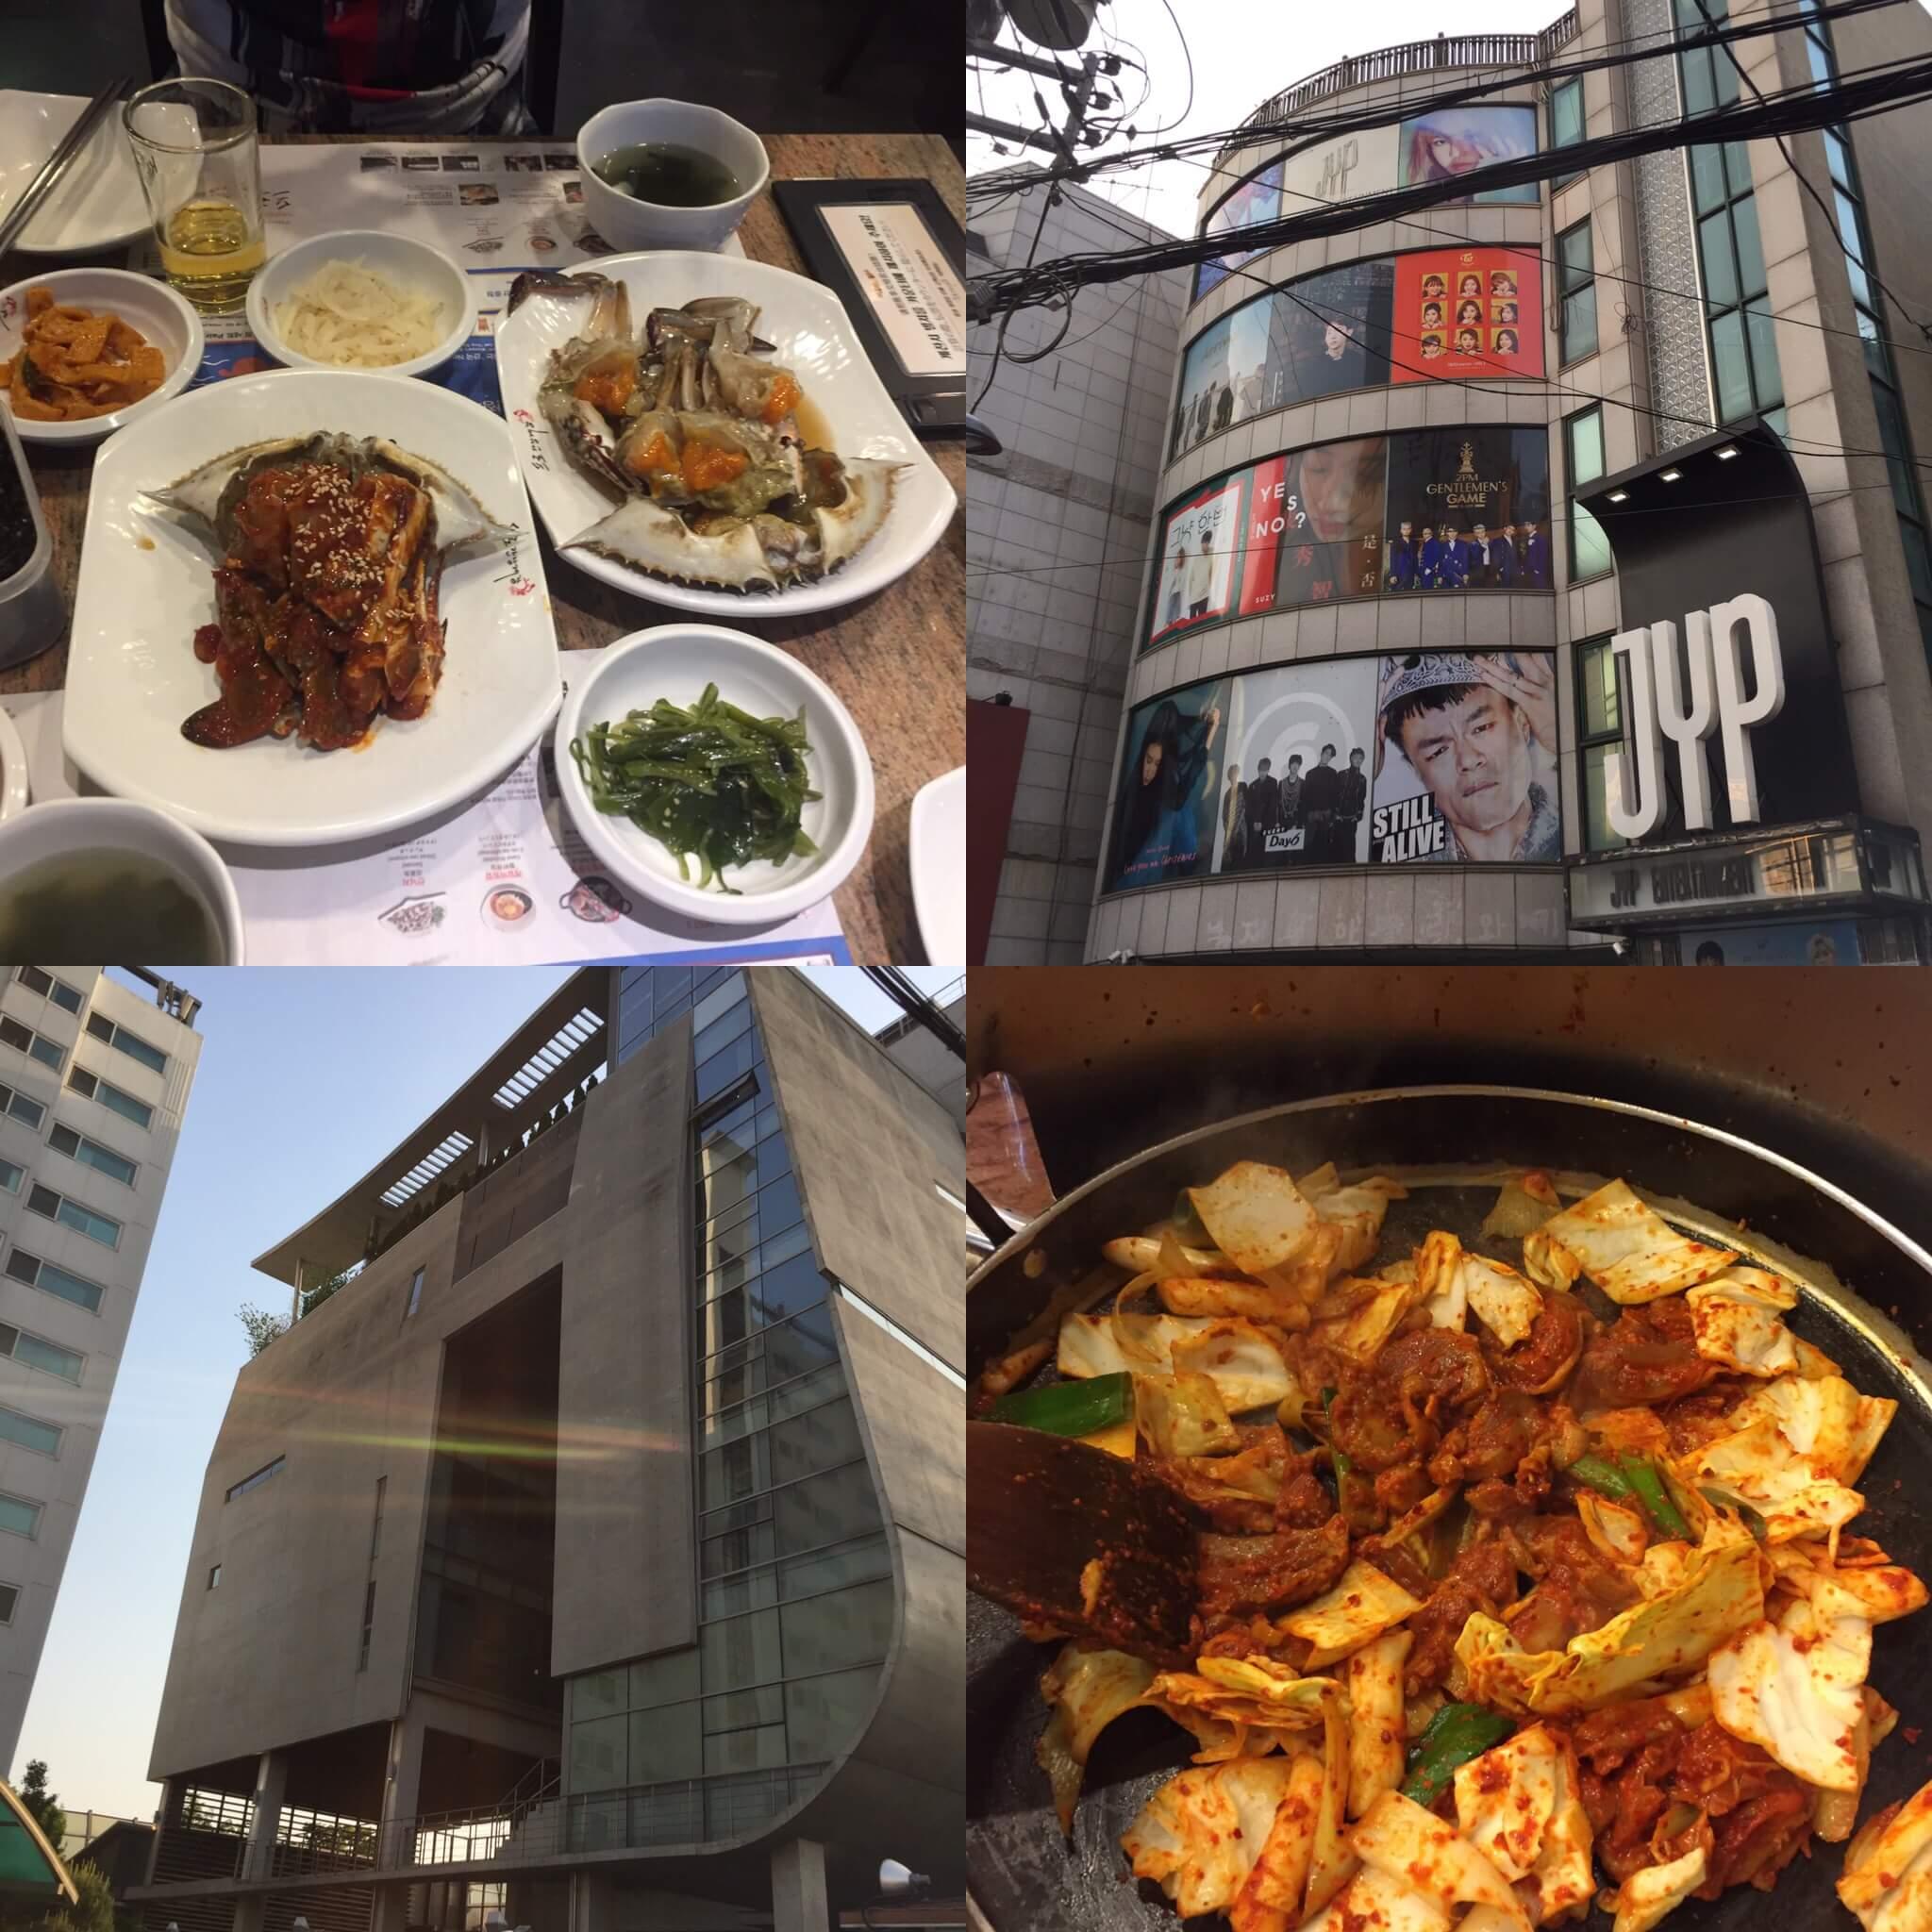 【韓国・男子一人旅】2大芸能事務所(YG・JYP)を巡って、韓国グルメ(カンジャンケジャン・タッカルビ)を楽しんできました!